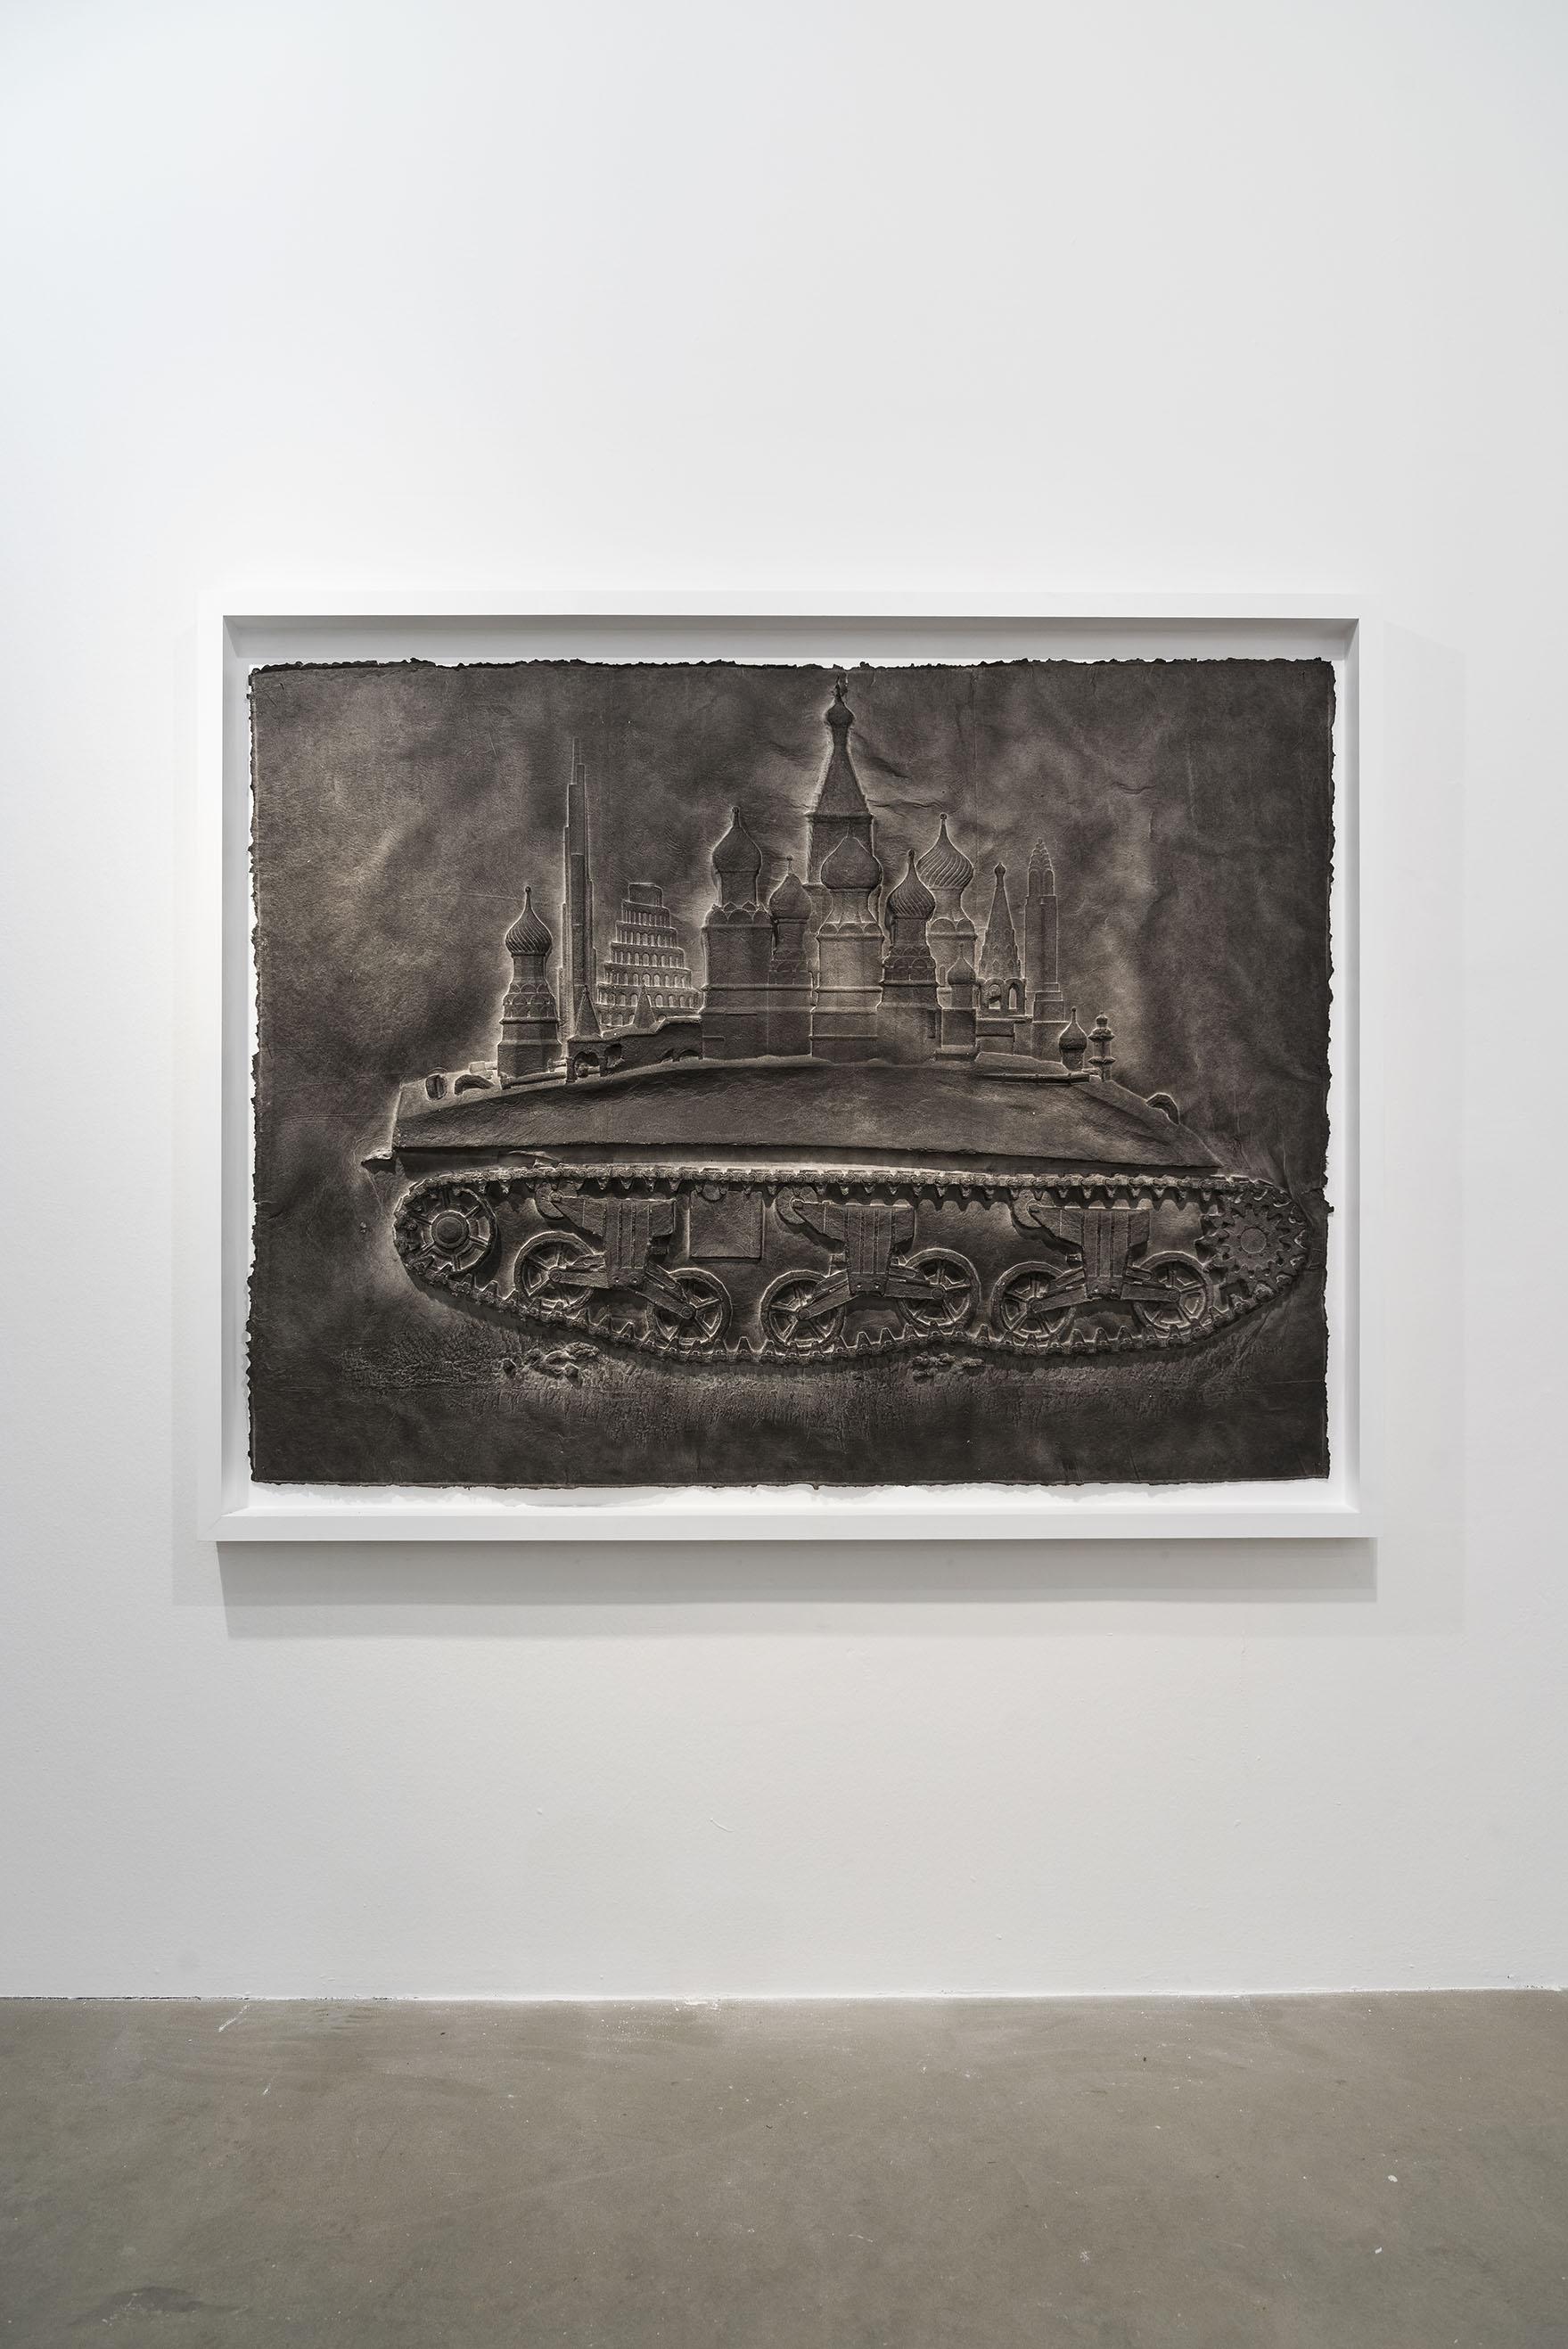 Qiu Zhijie, The Expansion 2015, carta lavorata in rilievo, inchiostro di china, 134 x 176 cm